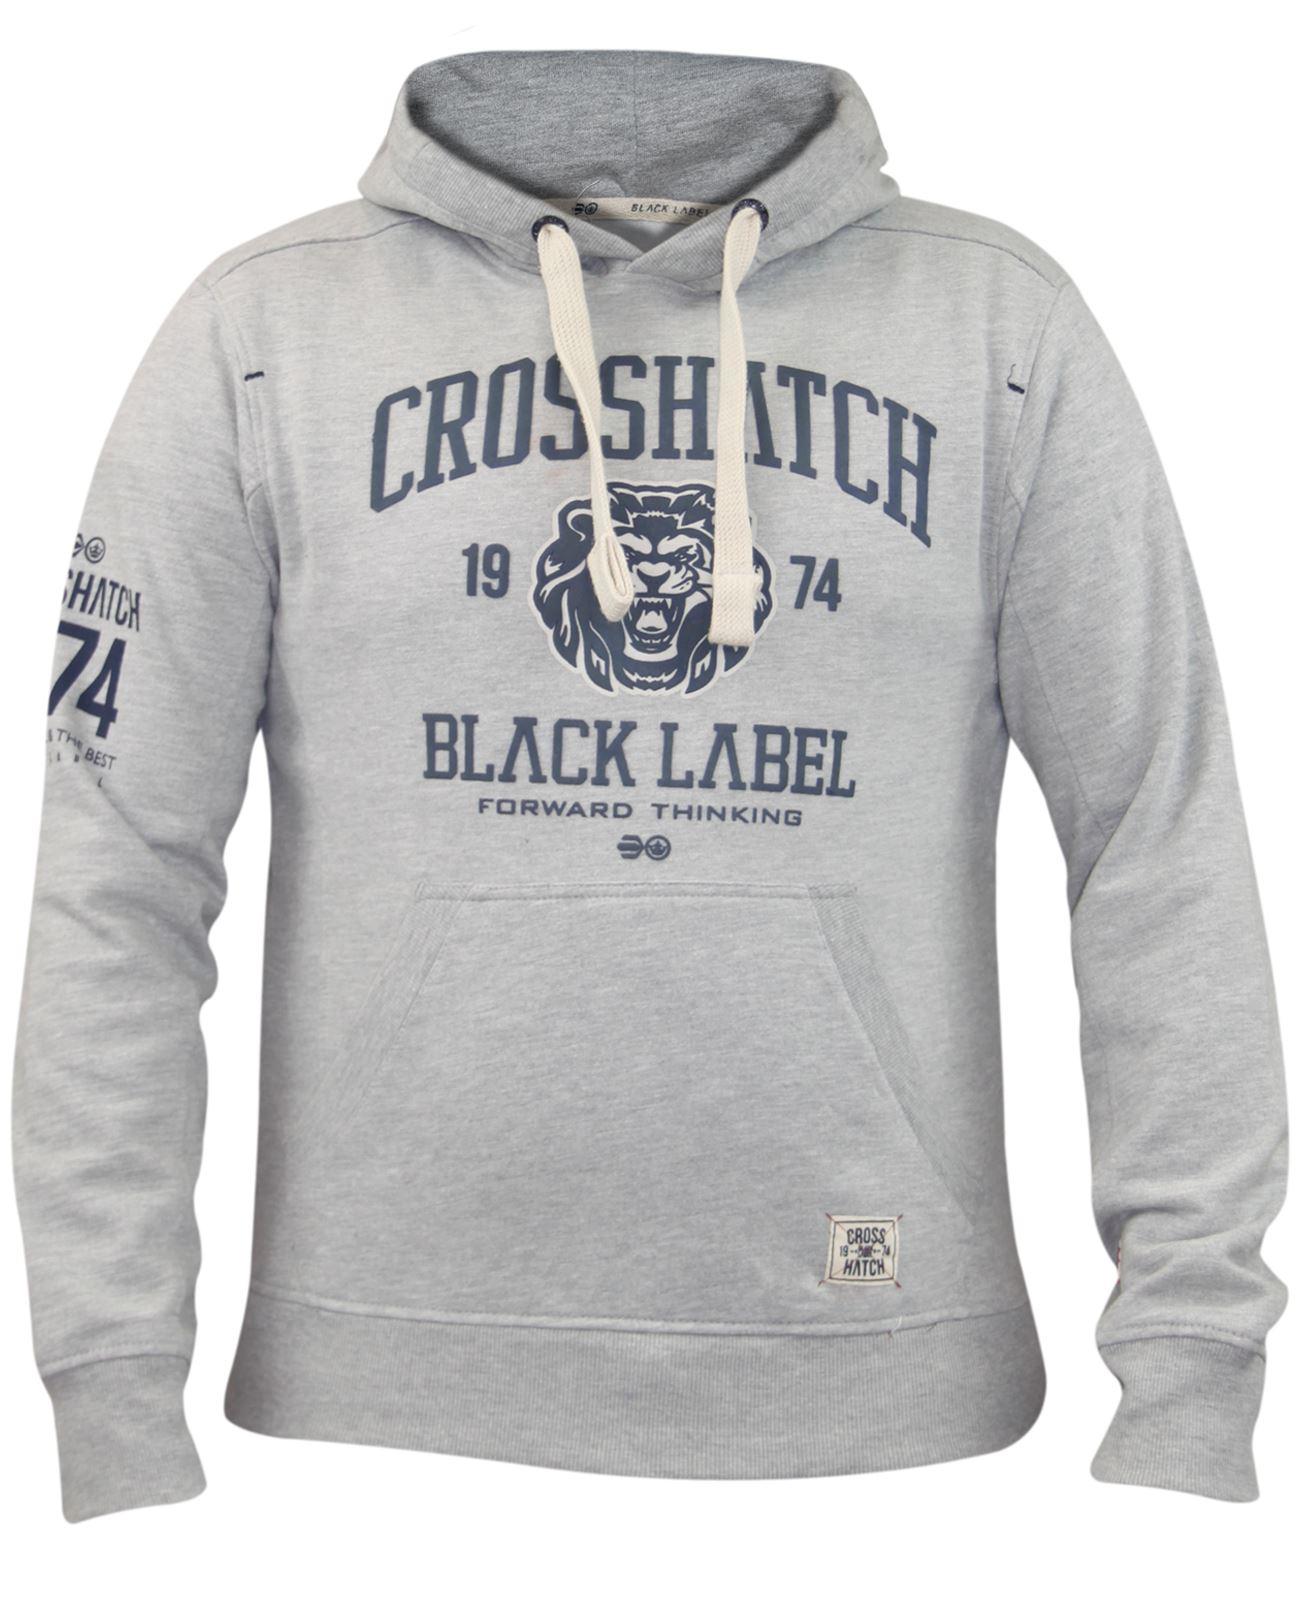 Mens-Crosshatch-Branded-Pullover-Printed-Hoodie-Sweatshirt-Hooded-Top thumbnail 5